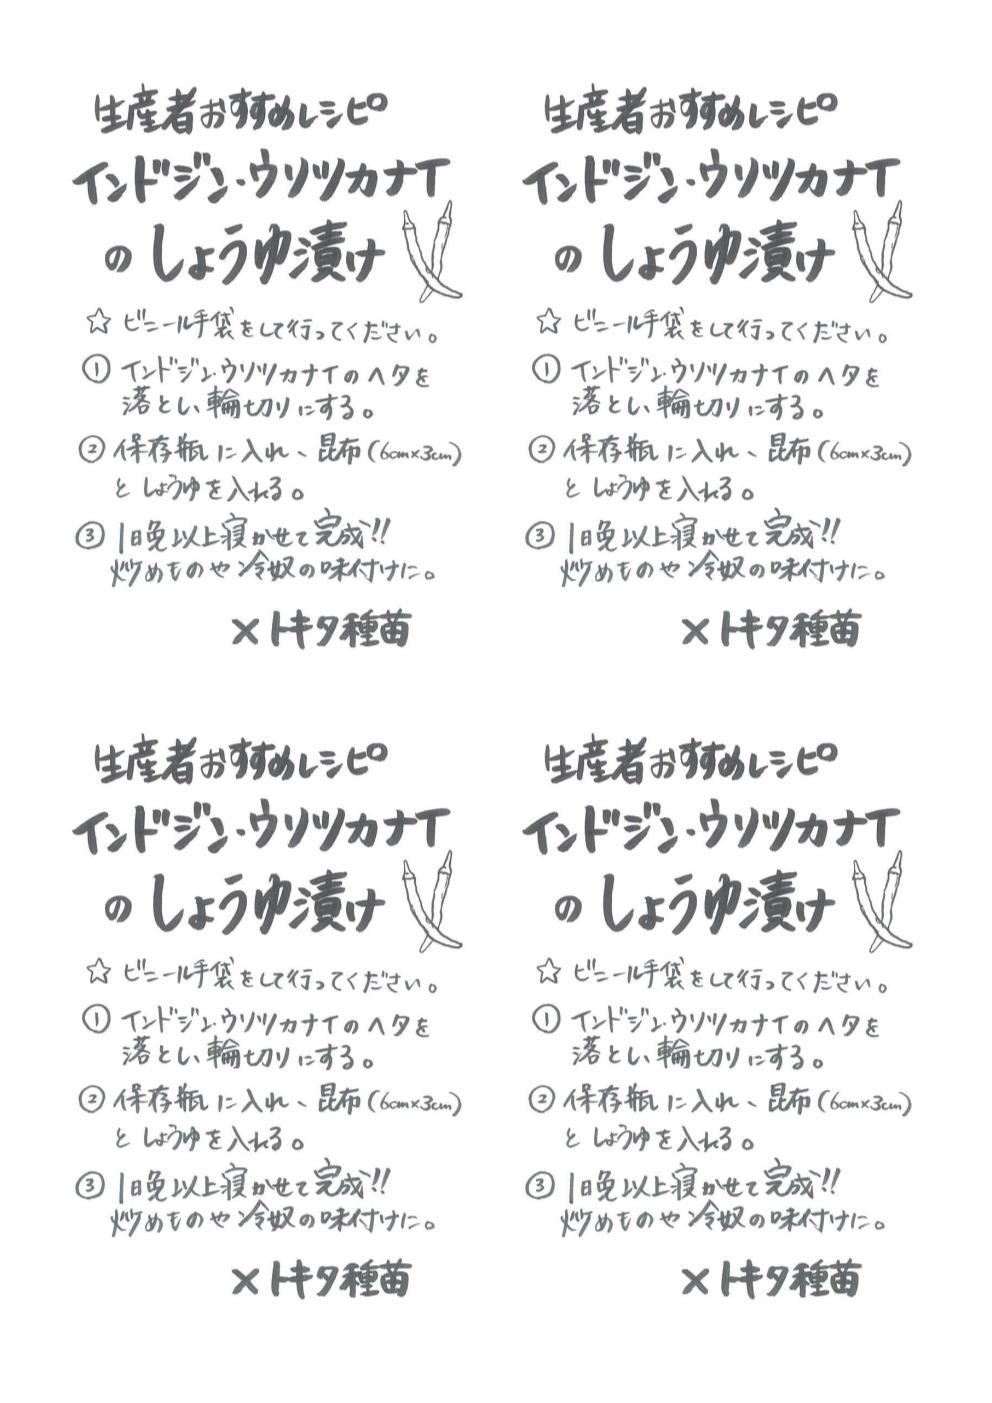 インドジンウソツカナイのしょうゆ漬け手書きレシピ